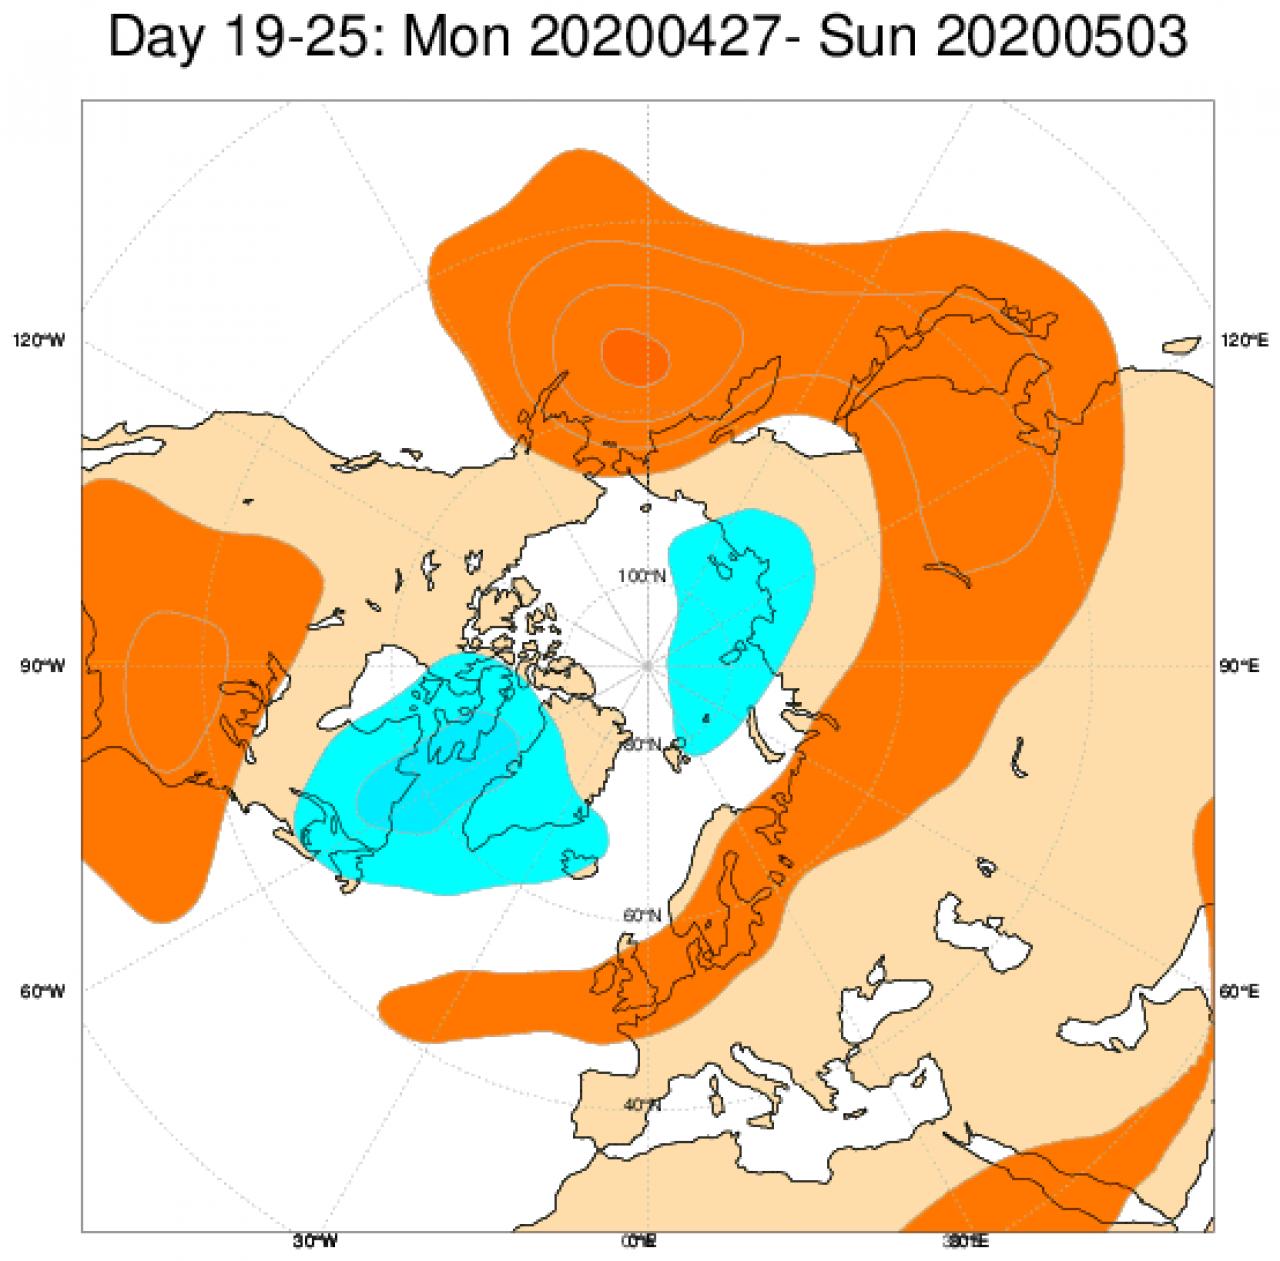 Anomalie di geopotenziali medie attese nel periodo 27 aprile - 3 maggio secondo il modello ECMWF